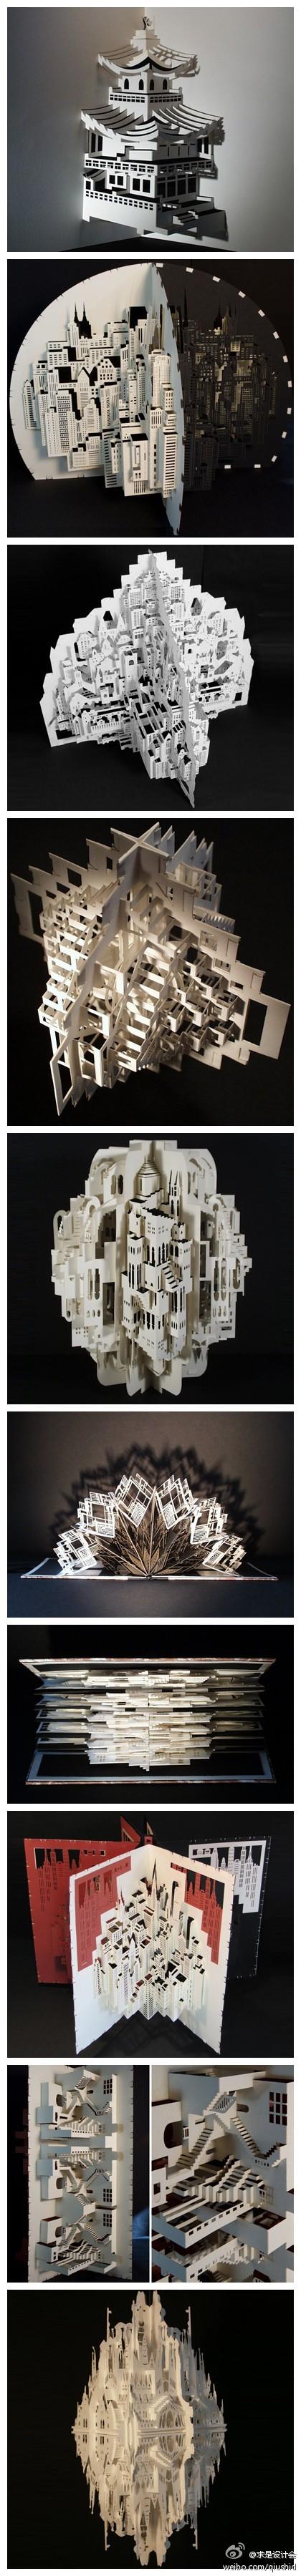 Ingrid Siliakus arquitectura de papel